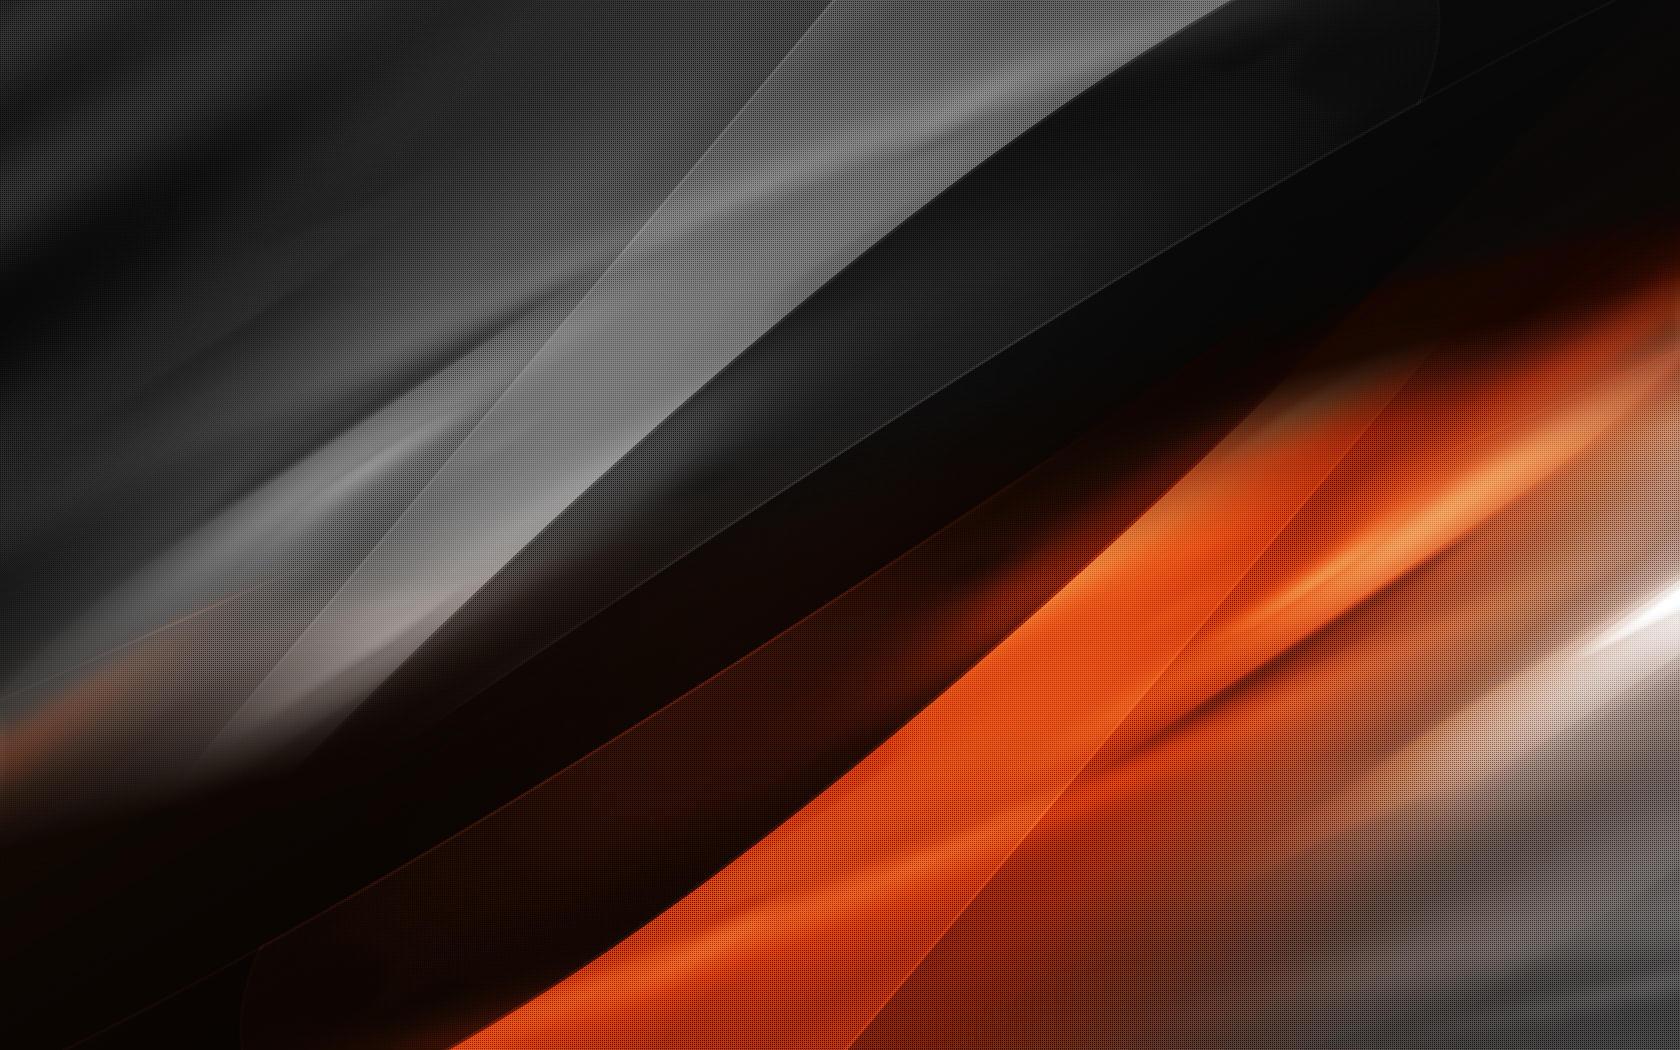 精美炫彩黑色壁纸